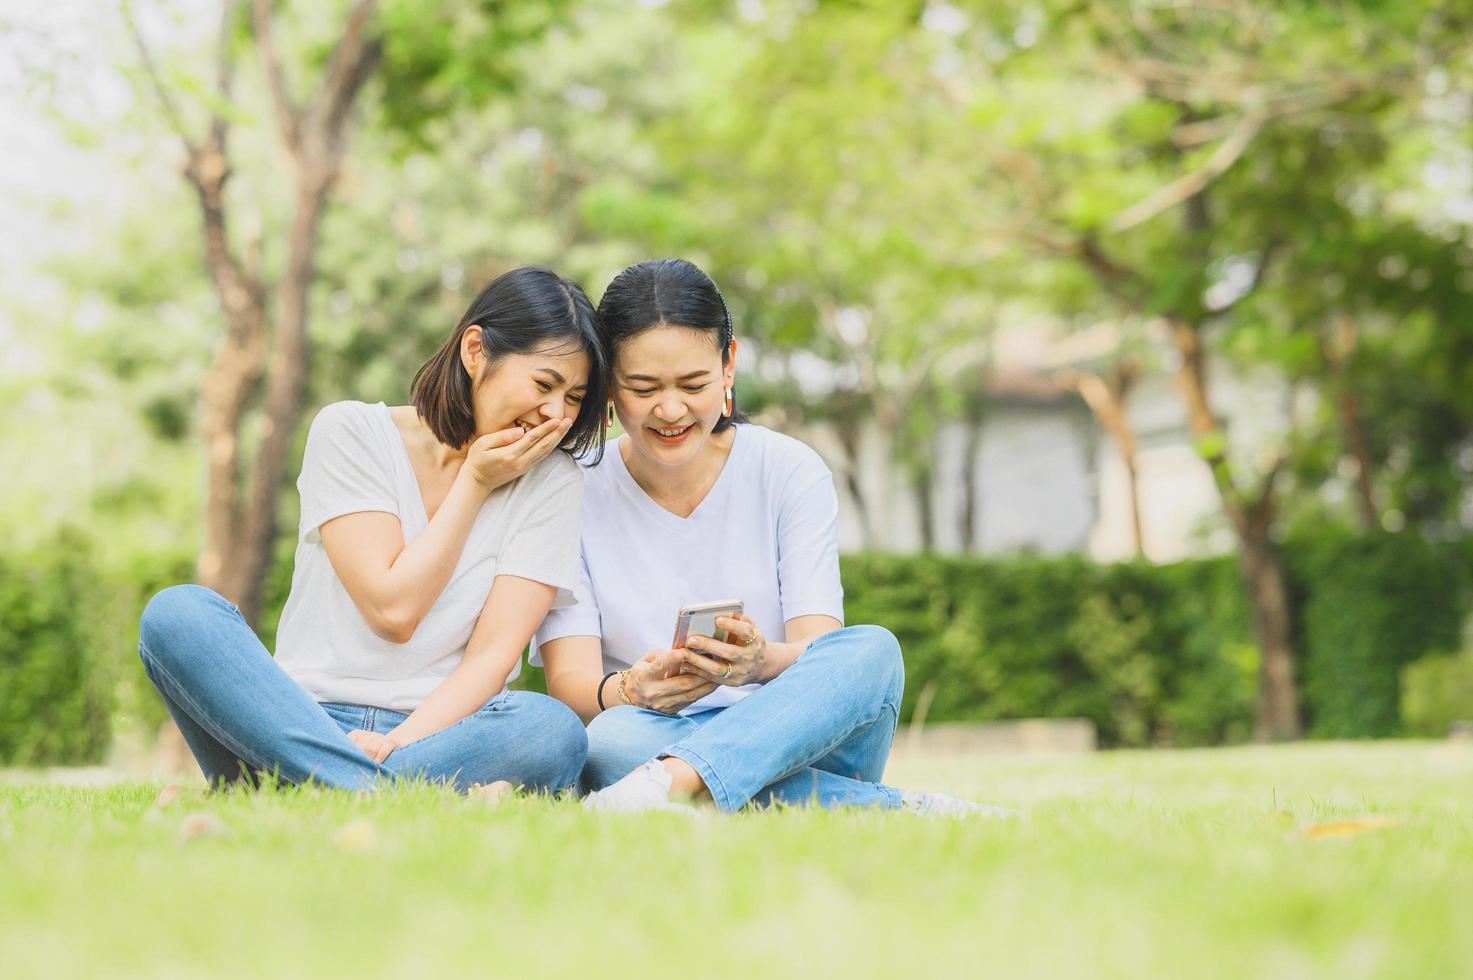 femmes asiatiques, rire, utilisation smartphone, dehors photo